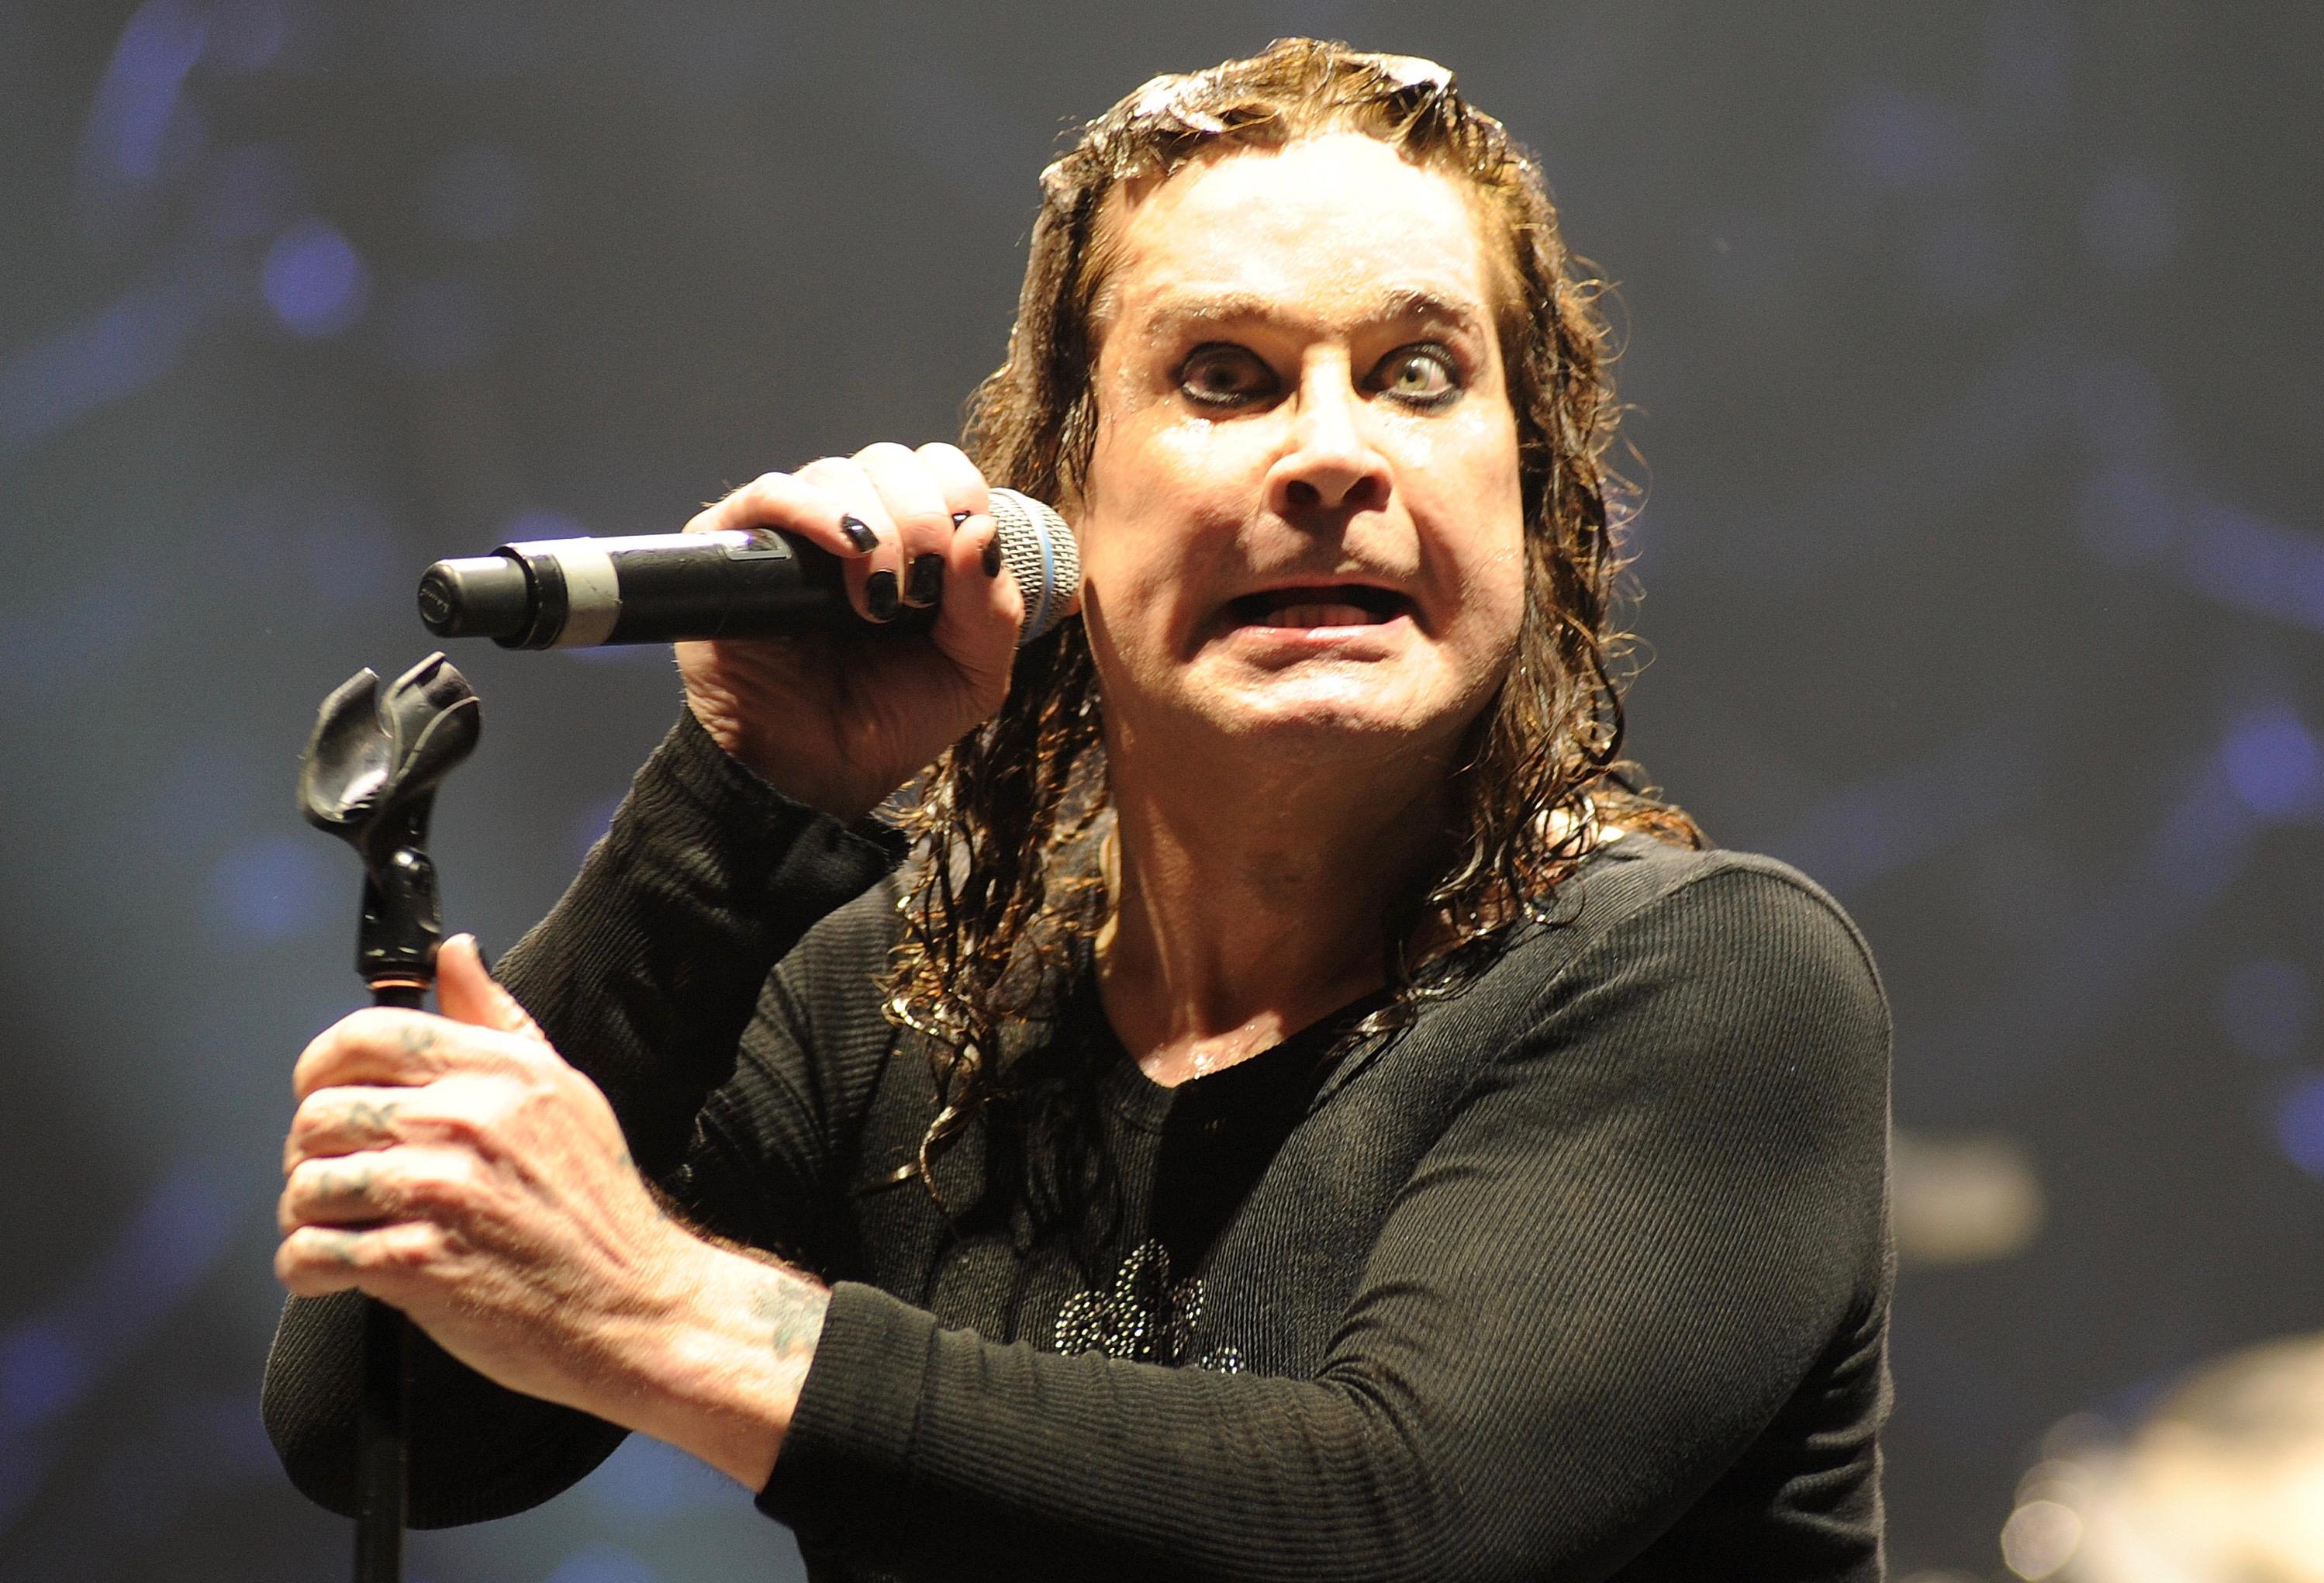 Ozzy Osbourne gelingt erster Chart-Hit seit 30 Jahren - Billboard-Rekord für die...